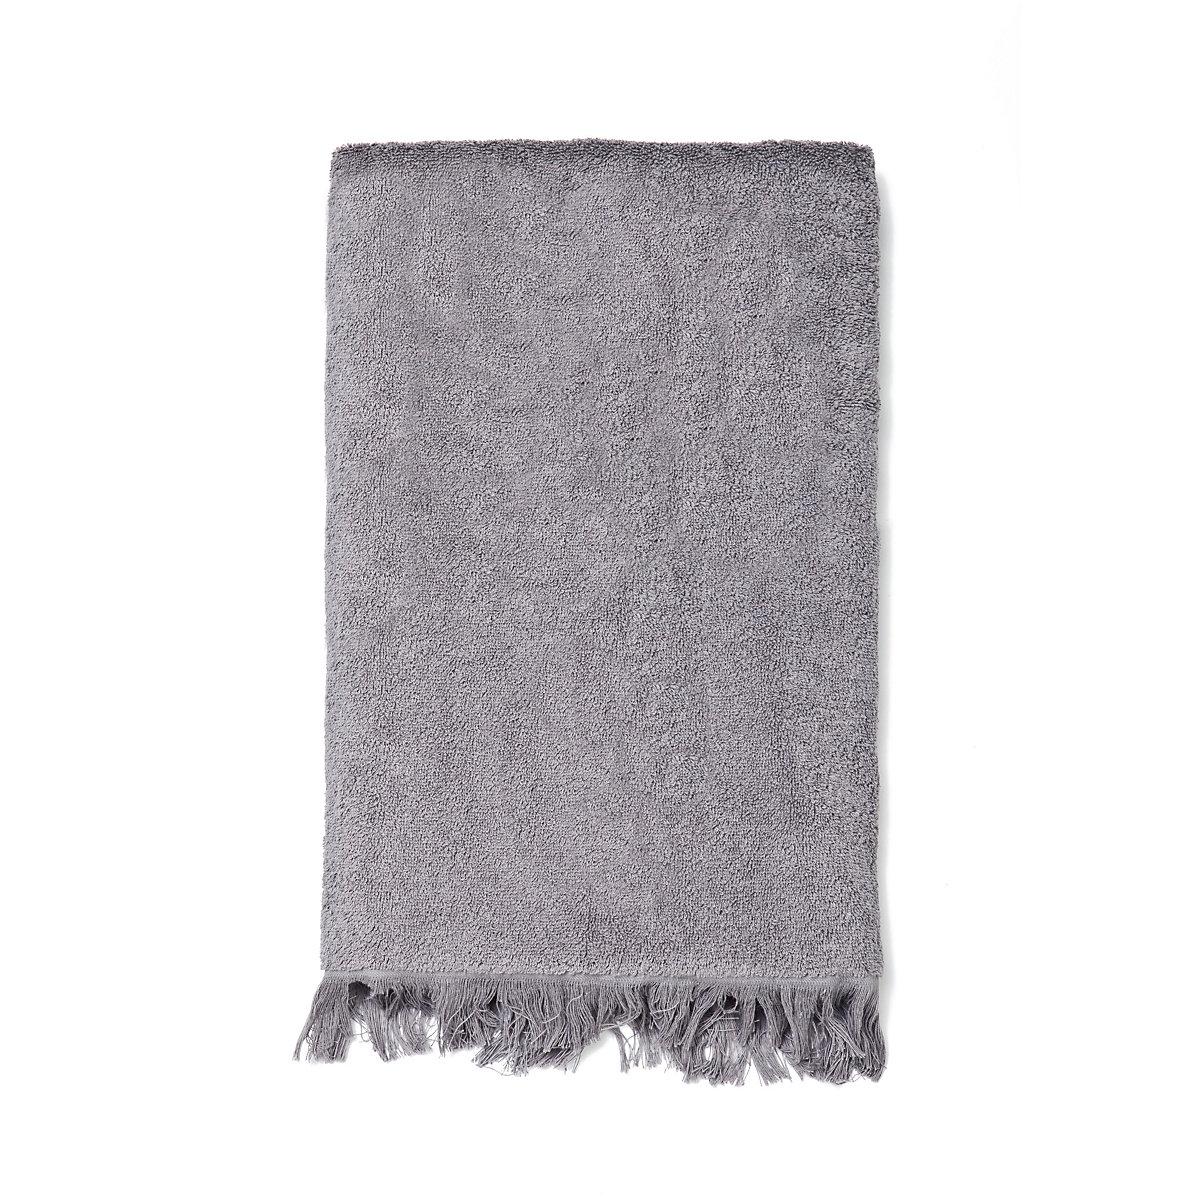 8 teiliges handtuch set vanessa handt cher grau casa di. Black Bedroom Furniture Sets. Home Design Ideas